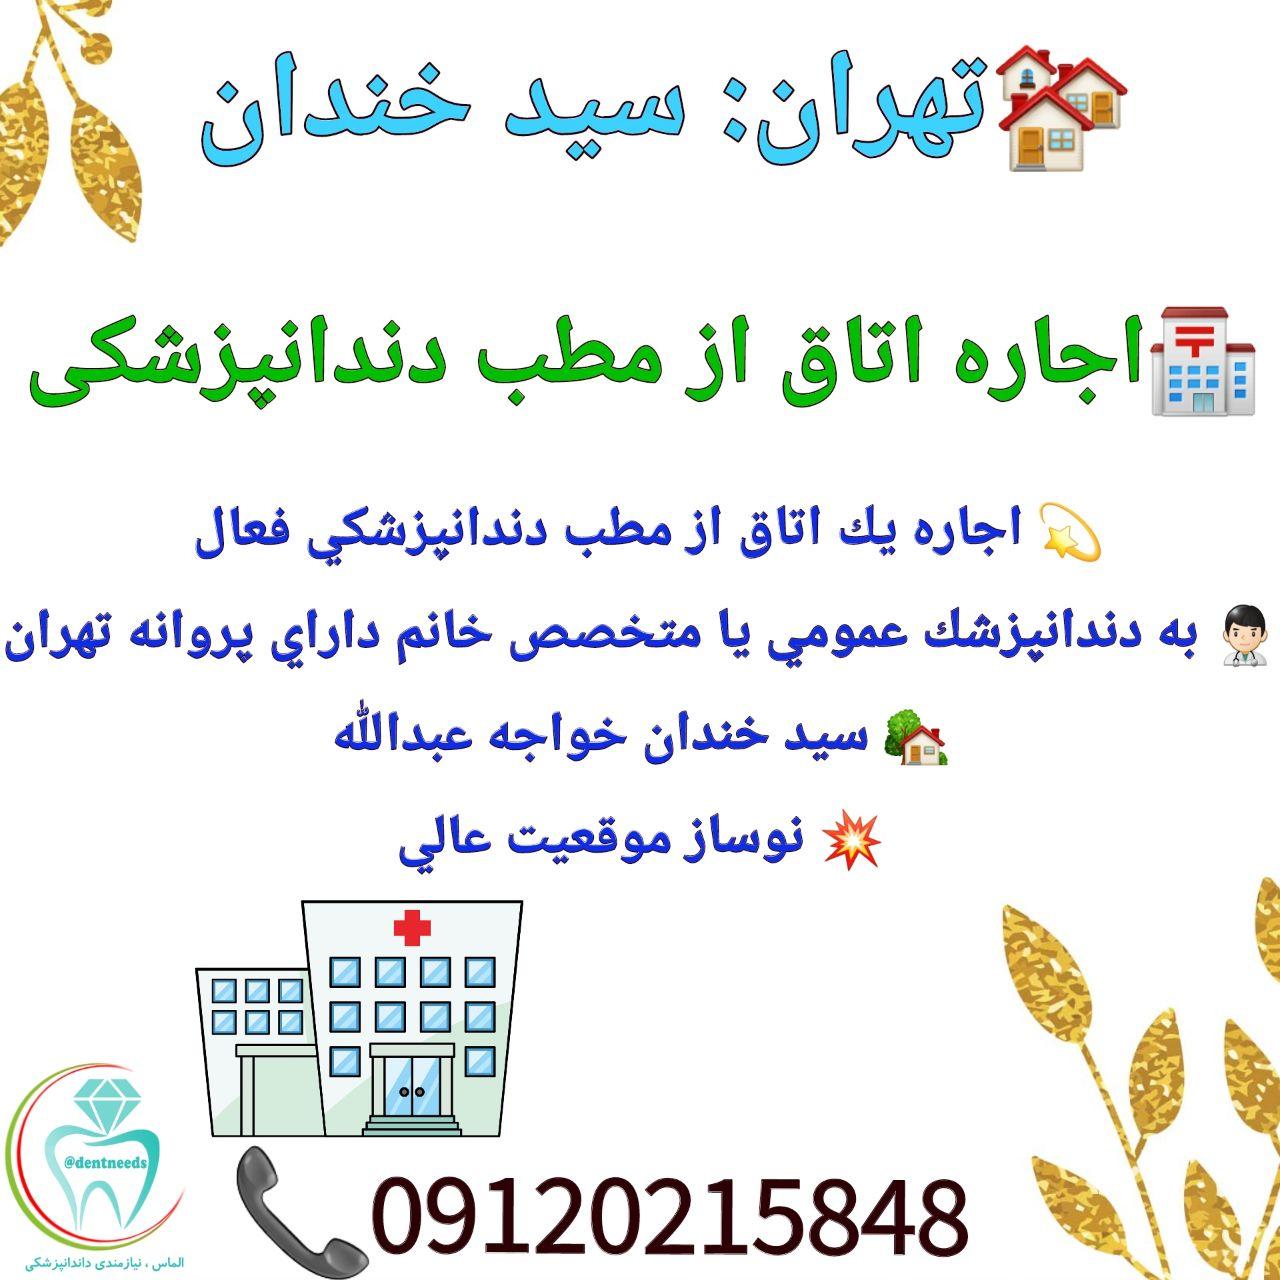 تهران: سیدخندان، اجاره اتاق از مطب دندانپزشکی